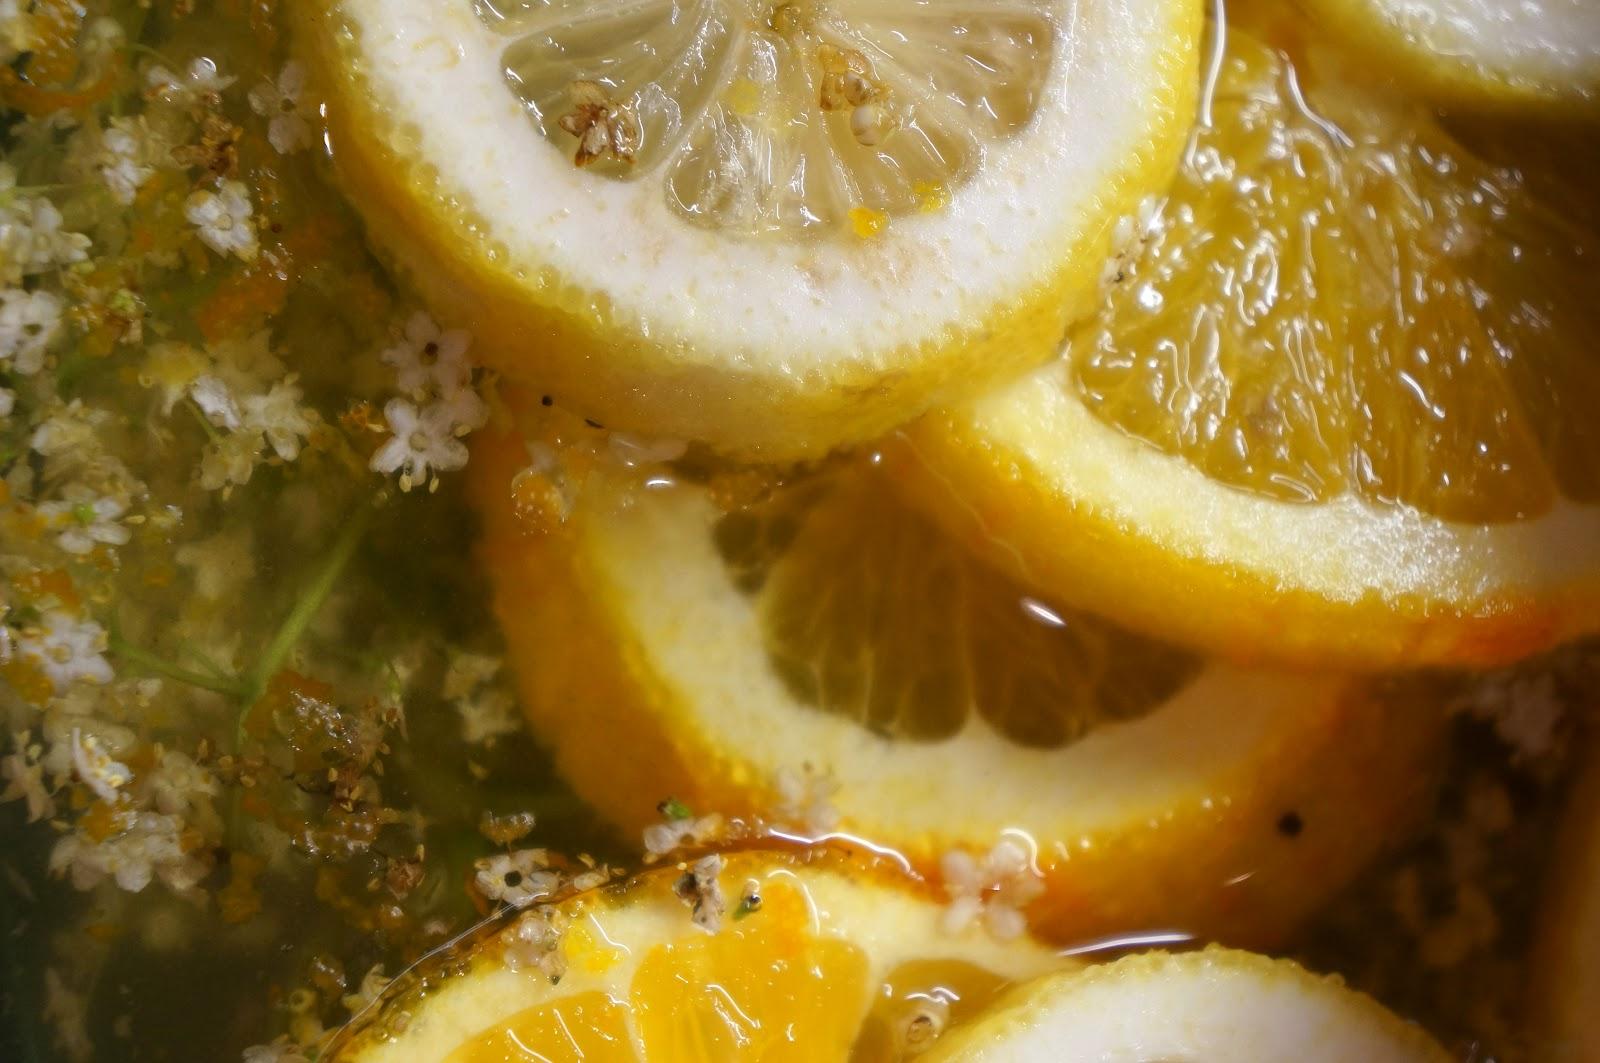 ... unwaxed lemon for elderflower cordial elderflower cordial preparation